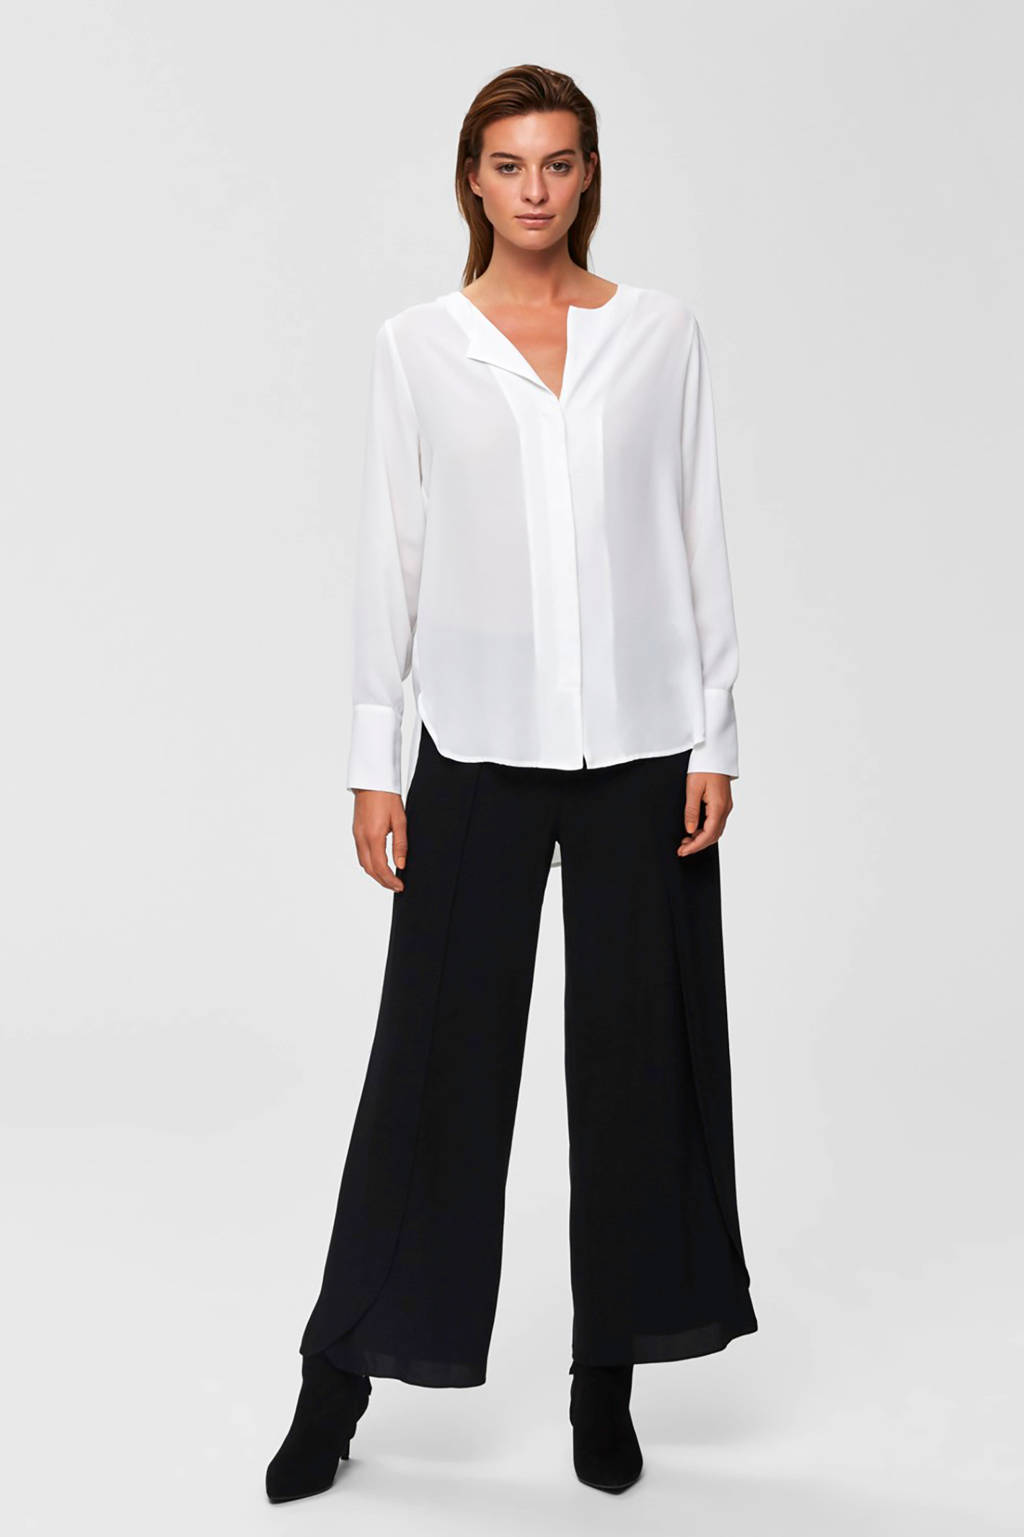 SELECTED FEMME blouse ecru, Ecru